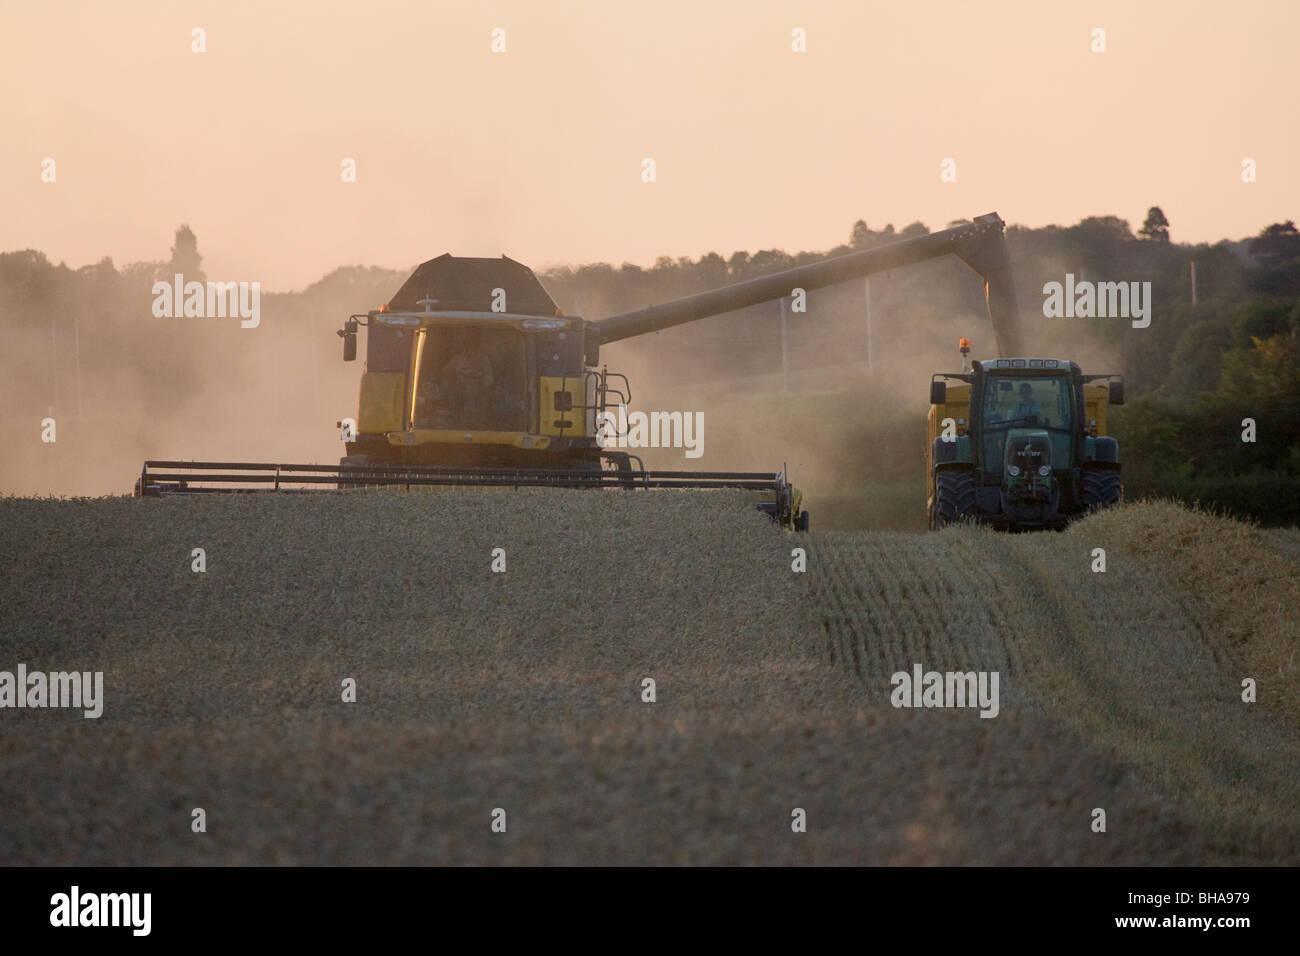 La récolte du blé de la moissonneuse-batteuse Photo Stock